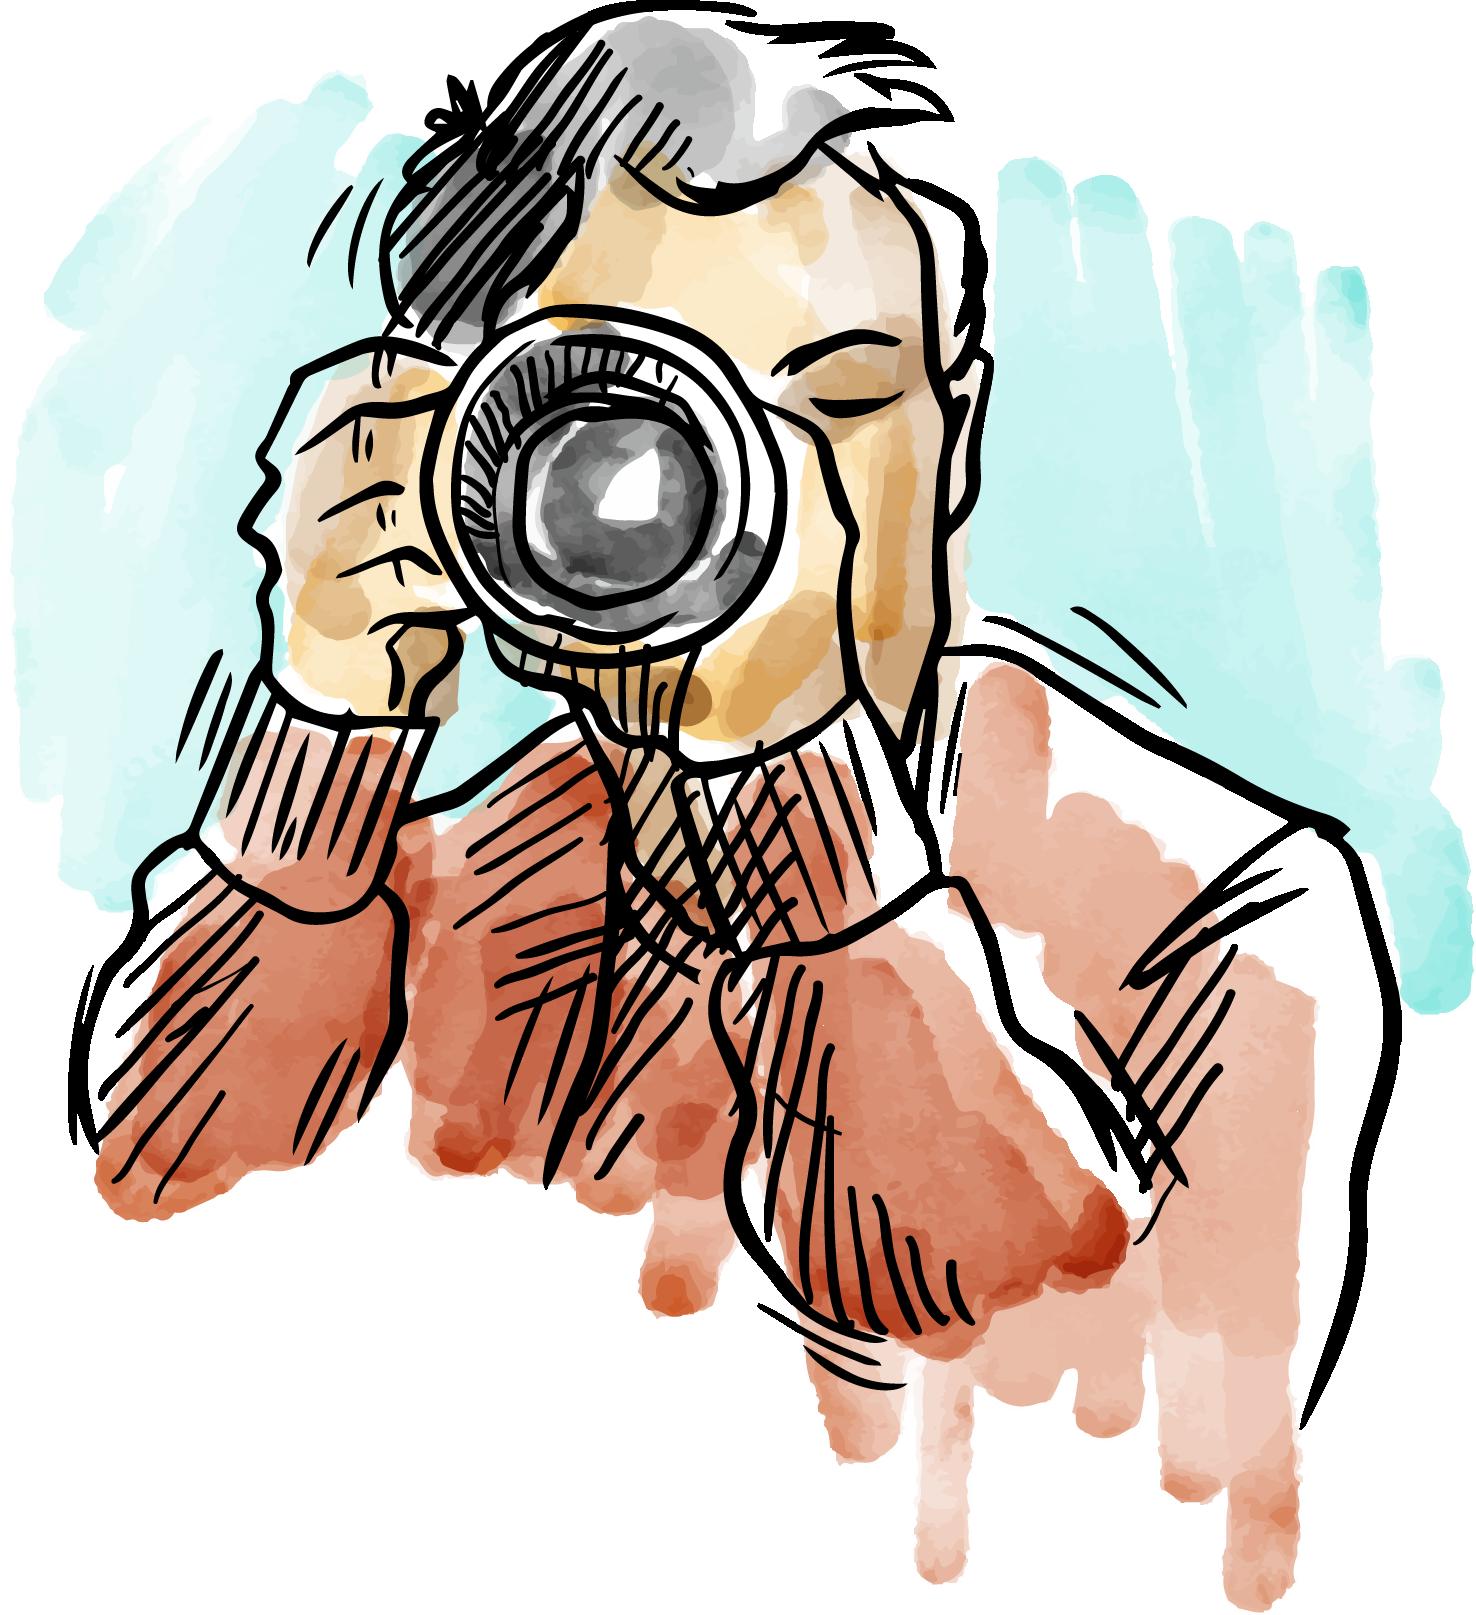 картинка мужчина с фотоаппаратом вектор этом